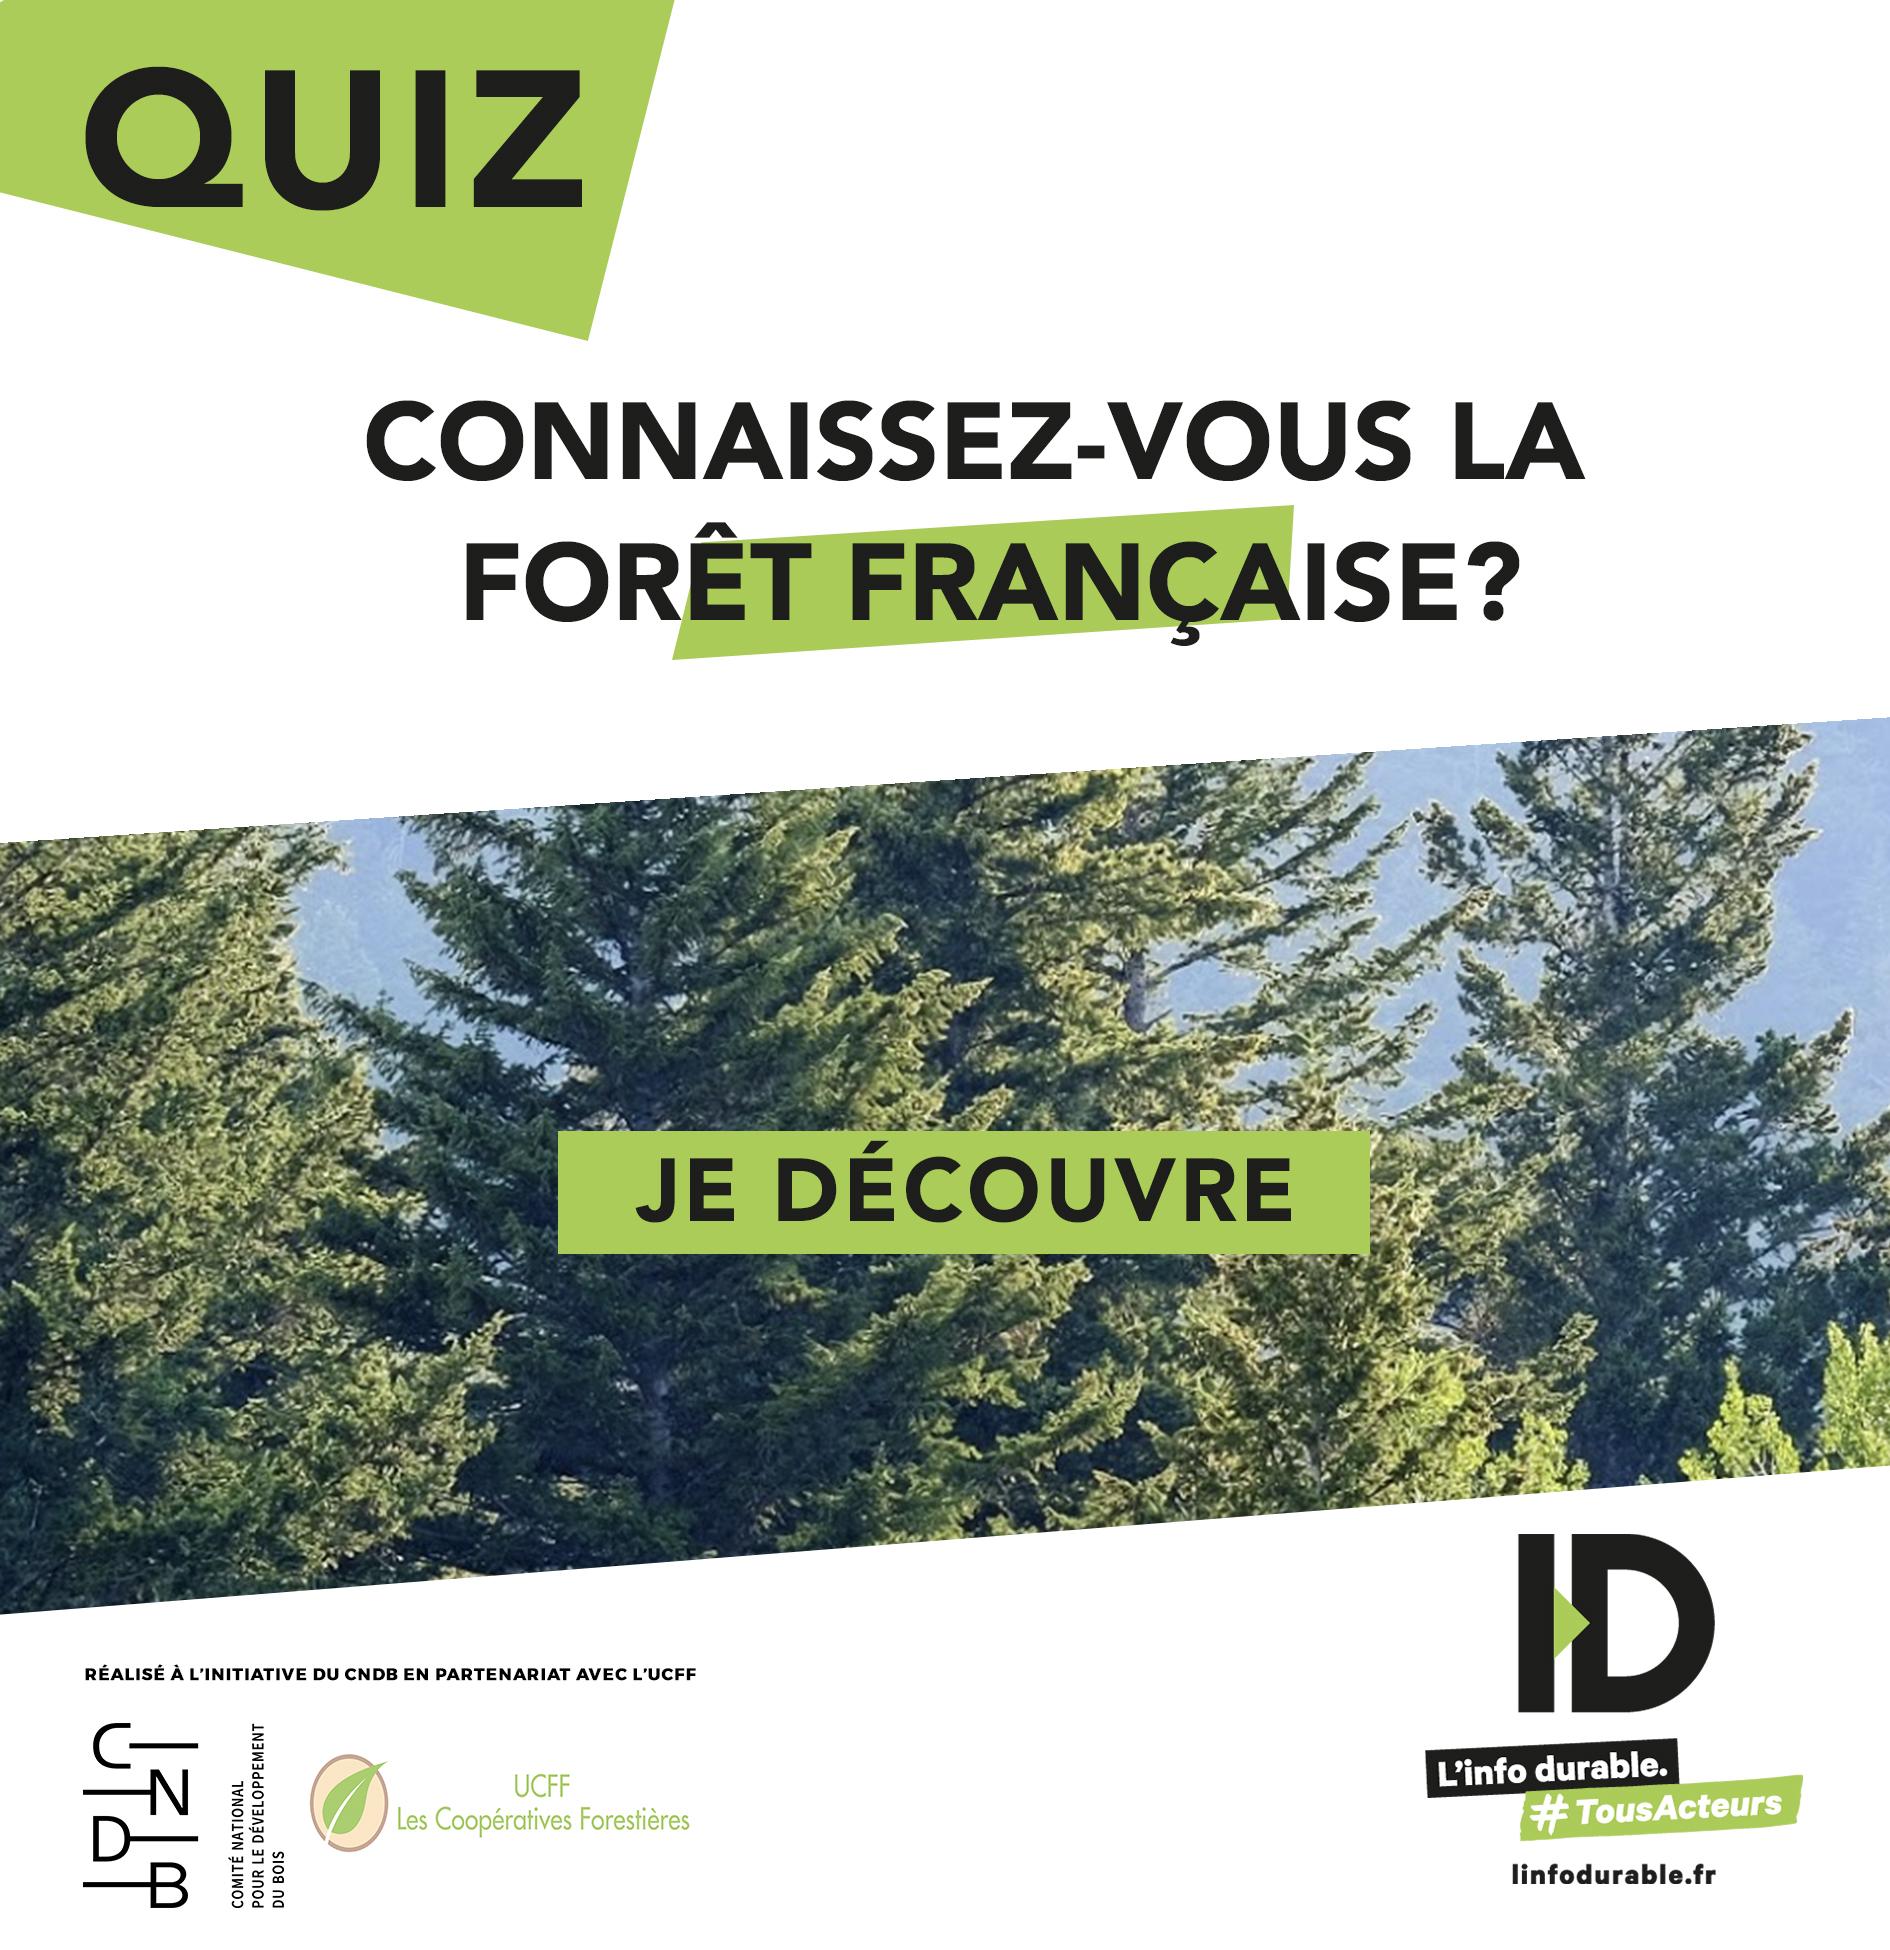 QUIZZ Connaissez-vous la forêt française? CNDB UCFF